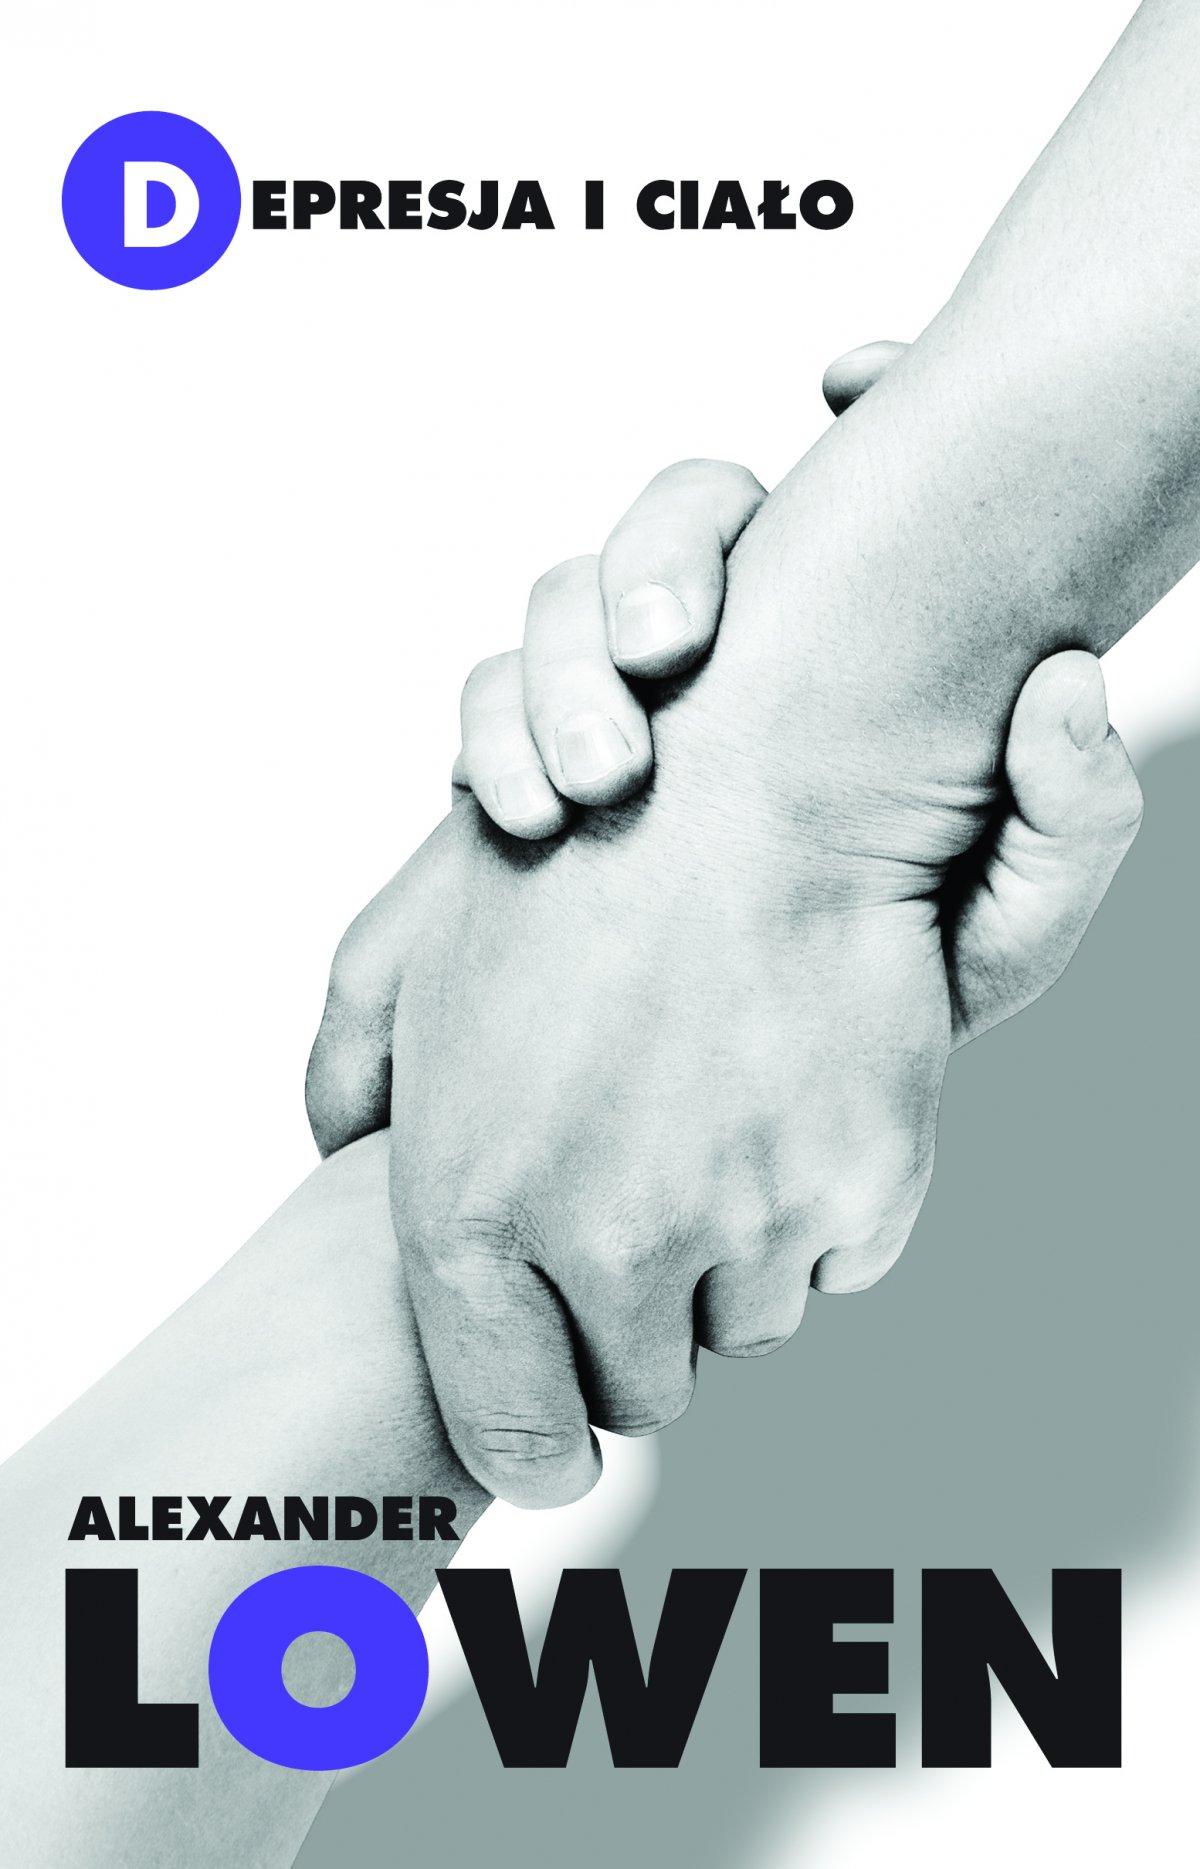 Depresja i ciało - Ebook (Książka na Kindle) do pobrania w formacie MOBI